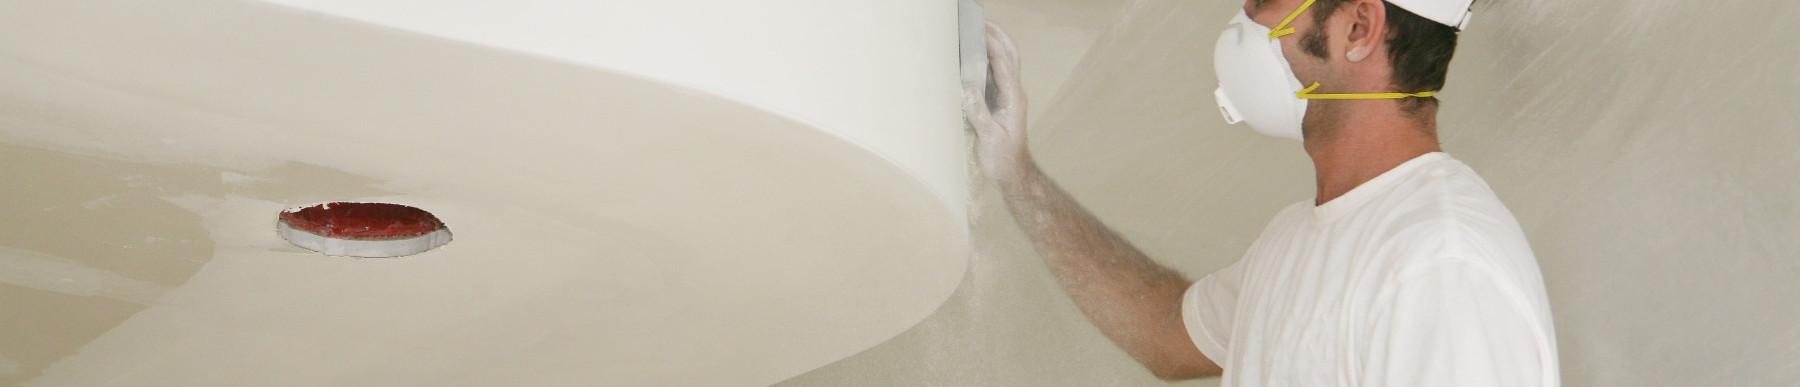 bend-drywall.jpg